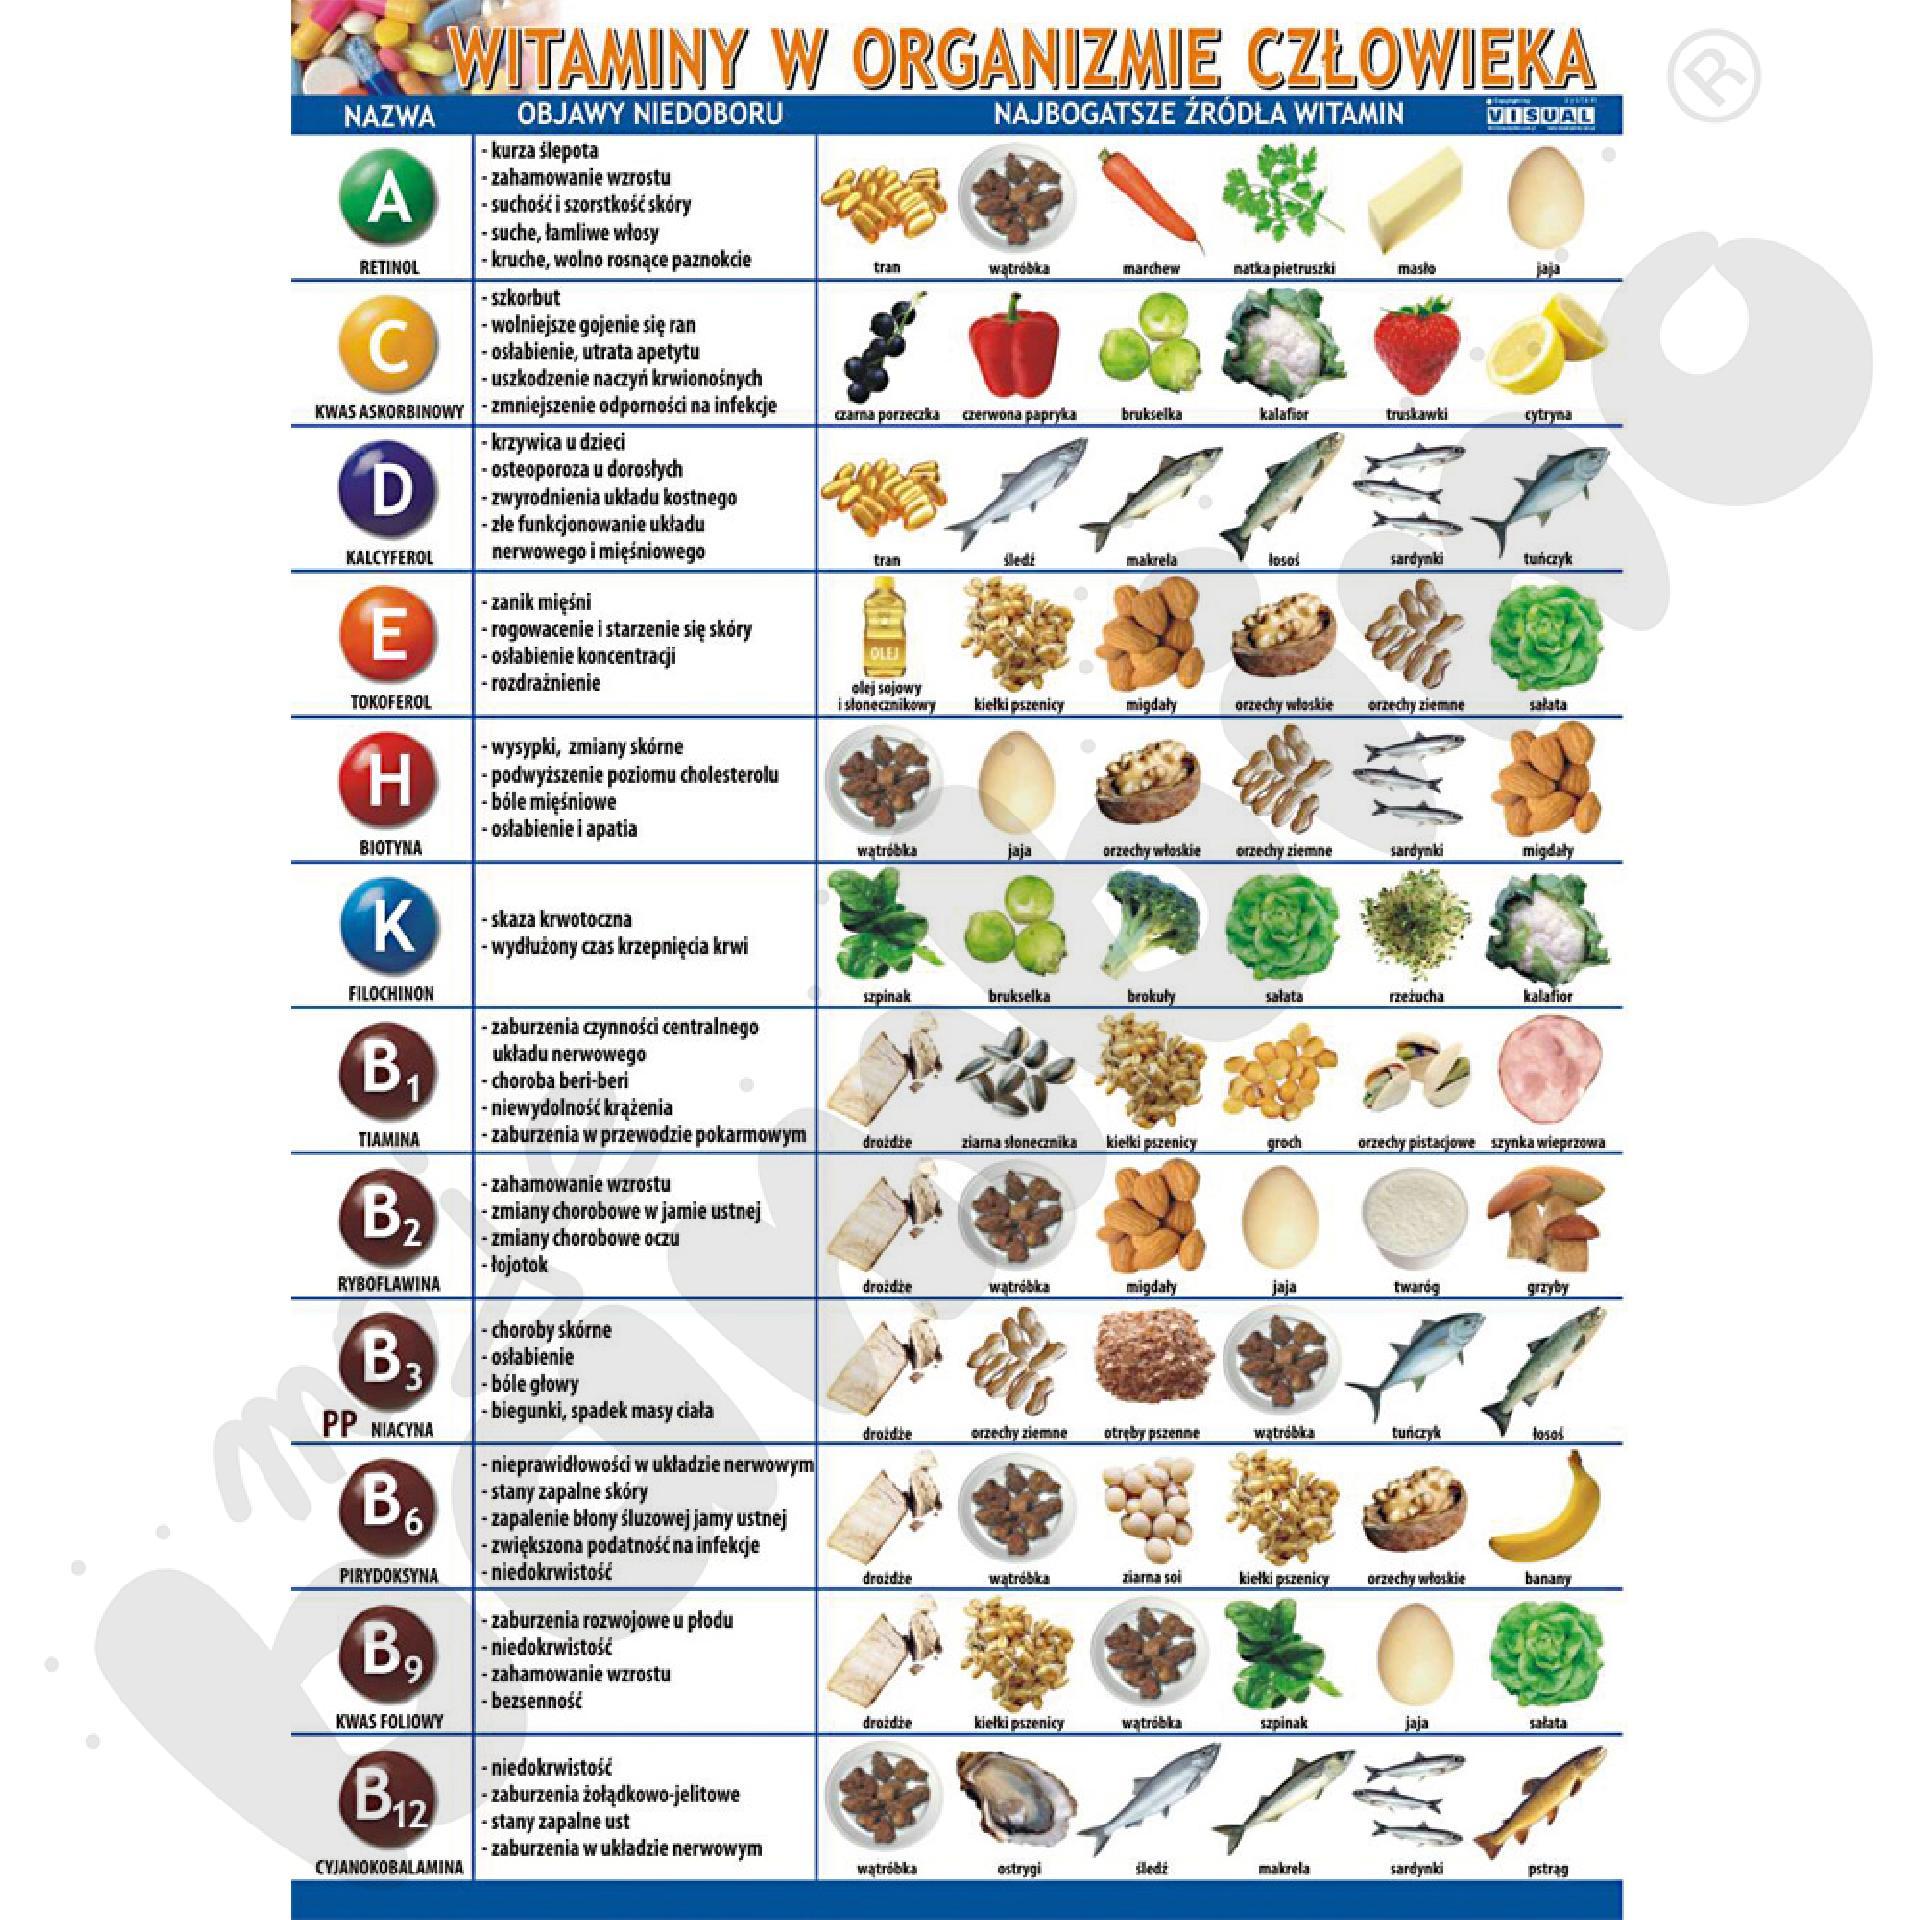 Plansza dydaktyczna - witaminy w organizmie człowieka